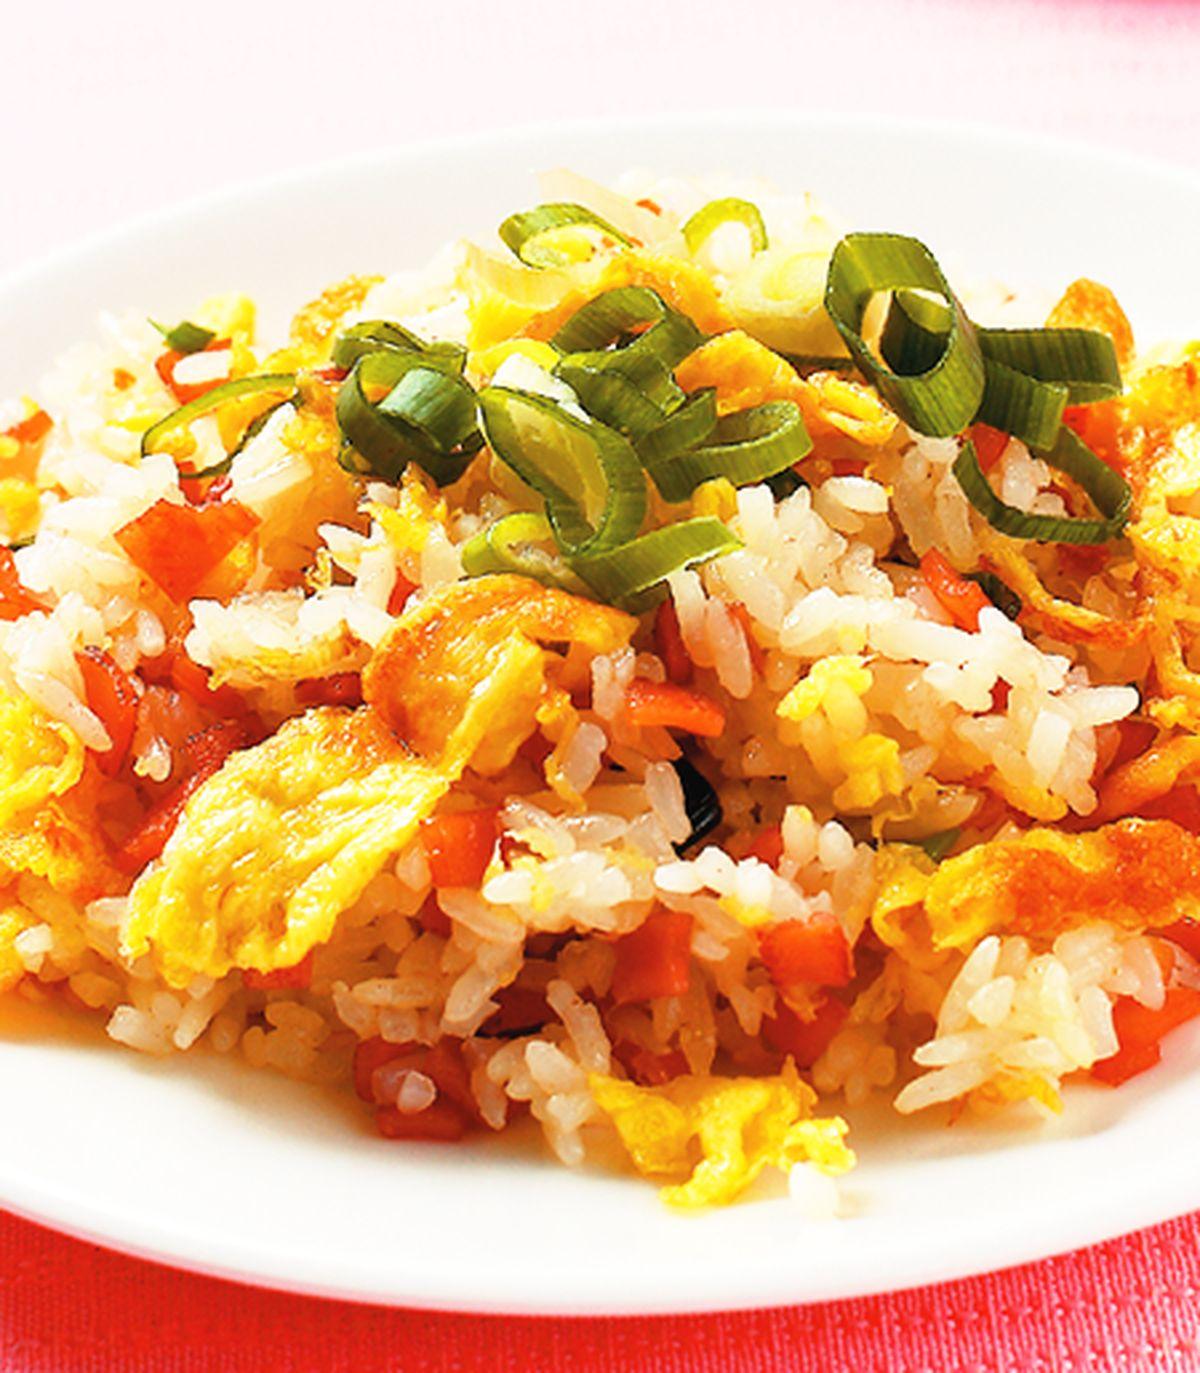 食譜:火腿蛋炒飯